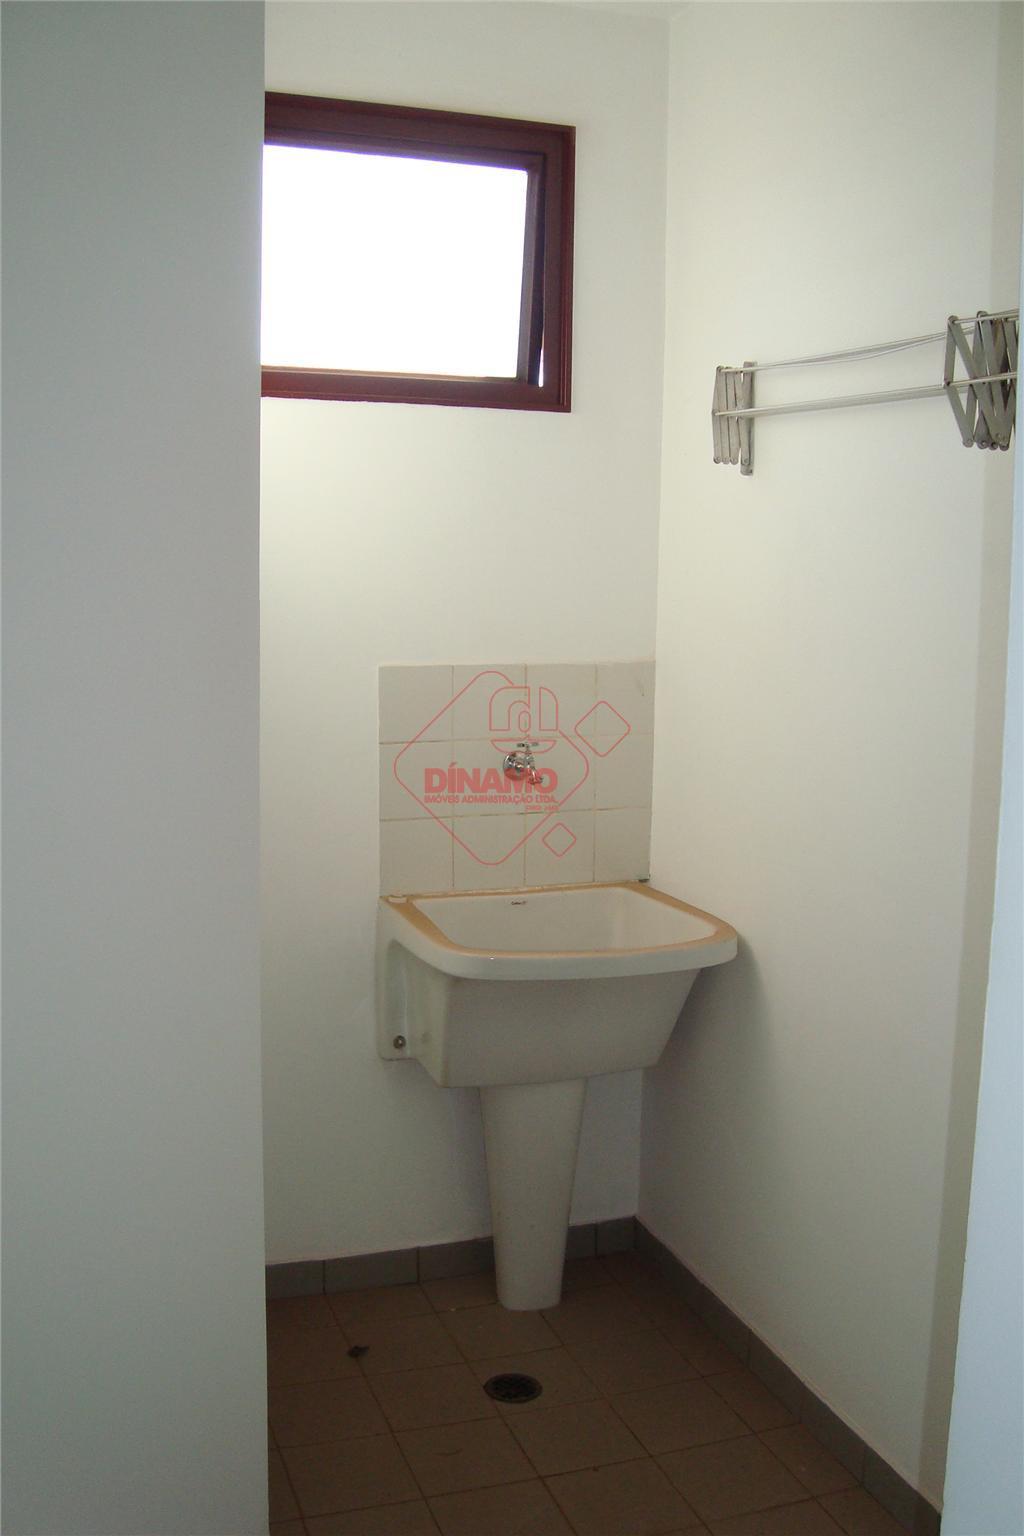 01 suíte (arm), sala, cozinha (arm), área de serviço, garagem, 02 camas de solteiro, 01 colchão,...